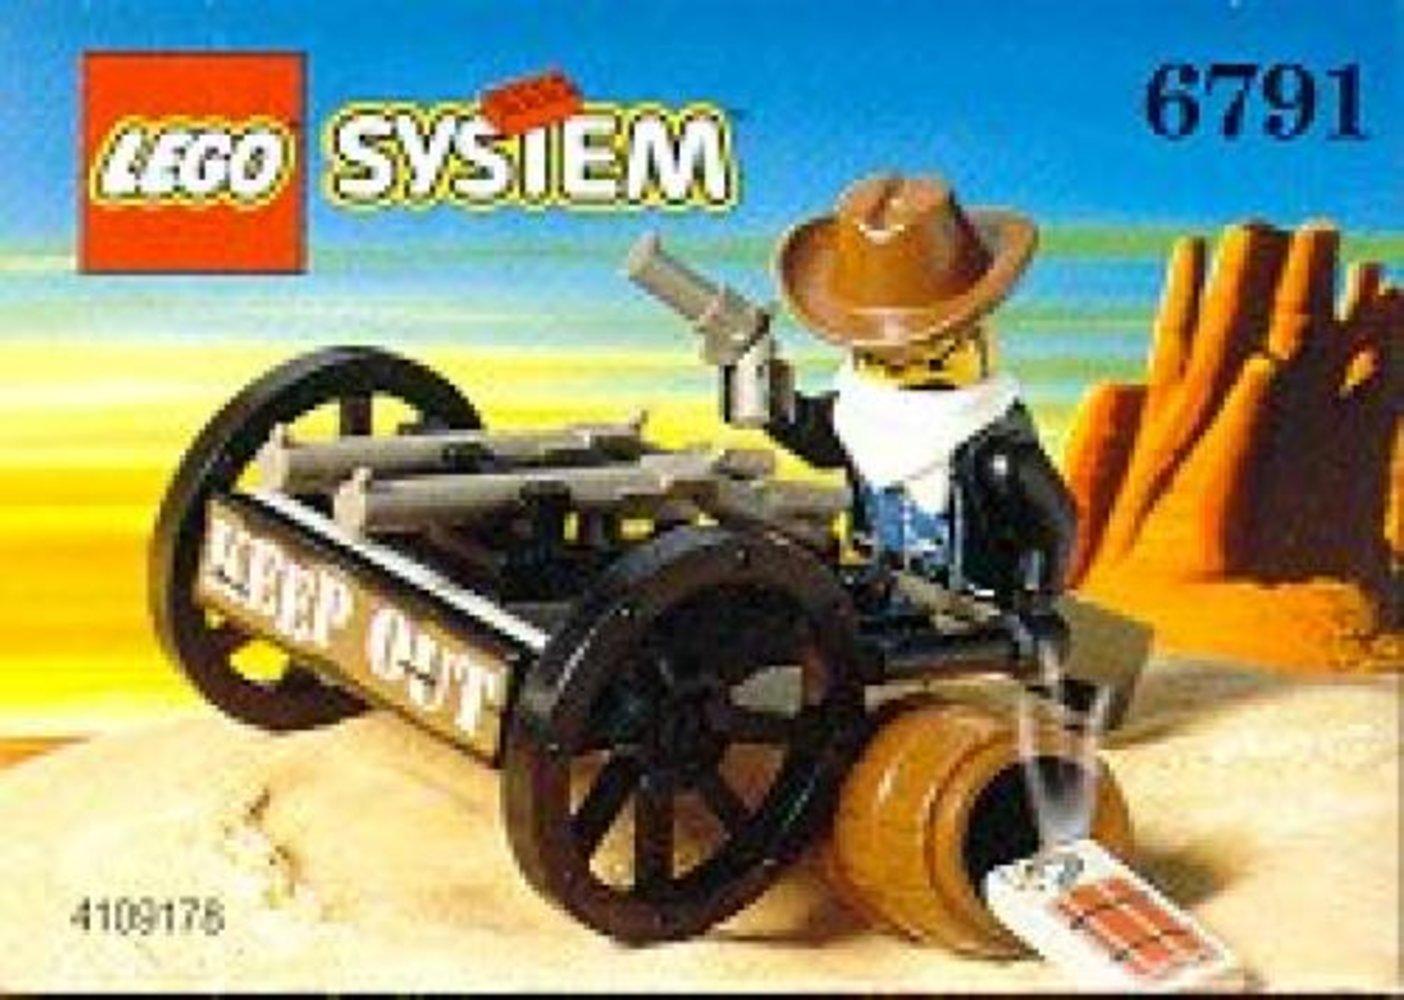 Bandit's Wheelgun